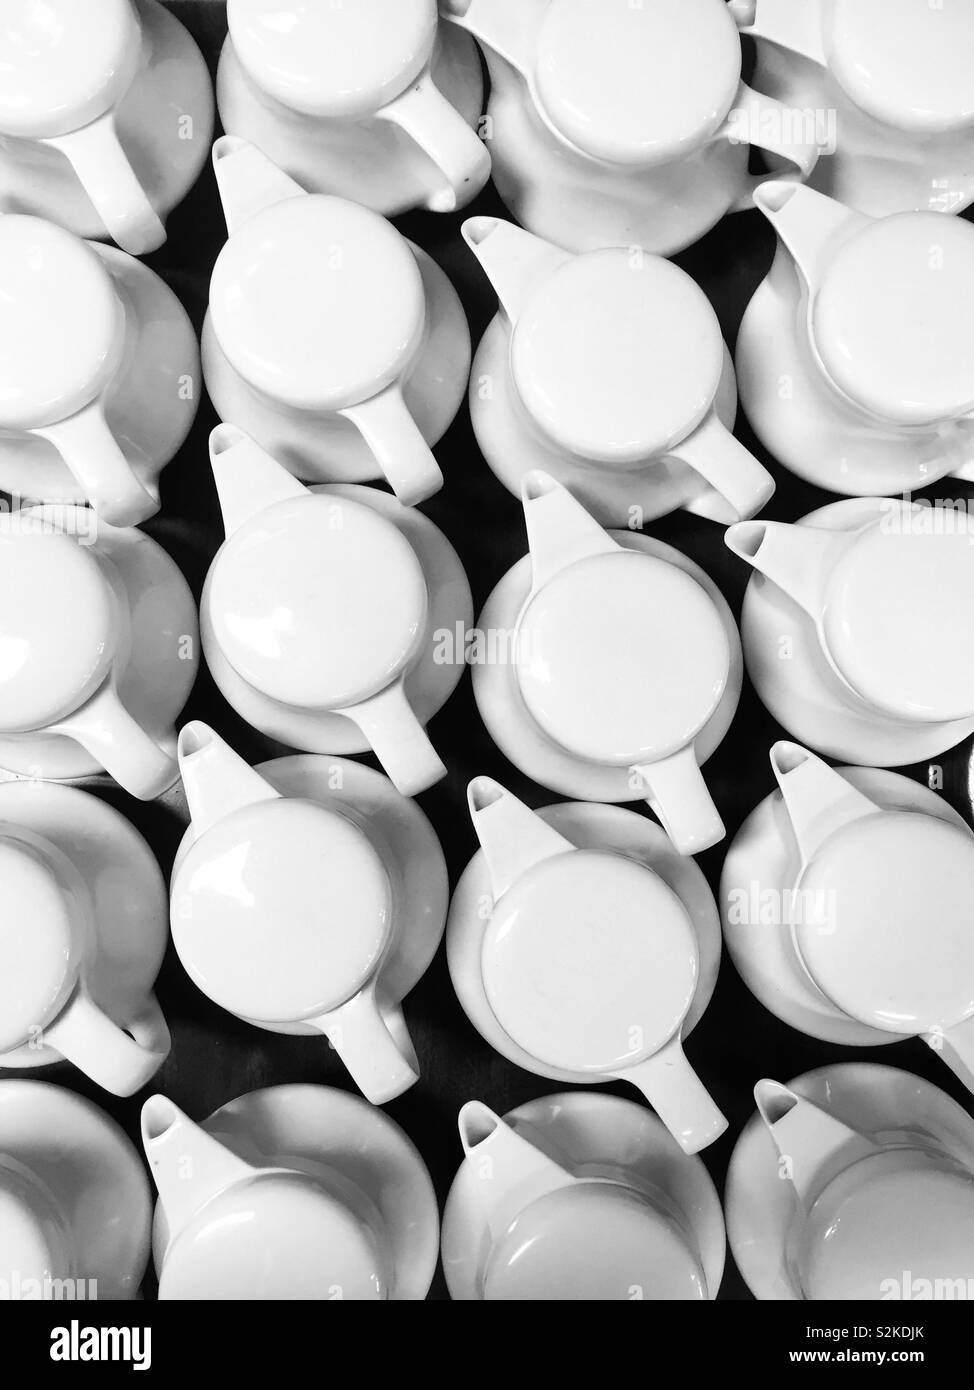 Gruppe von weißer Tee Töpfe in den Zeilen von oben. Formen und Muster bilden, auf mehrere weiße Teekannen auf Schwarz tisch, Restaurant oder Cafe Hintergrund. Stockfoto